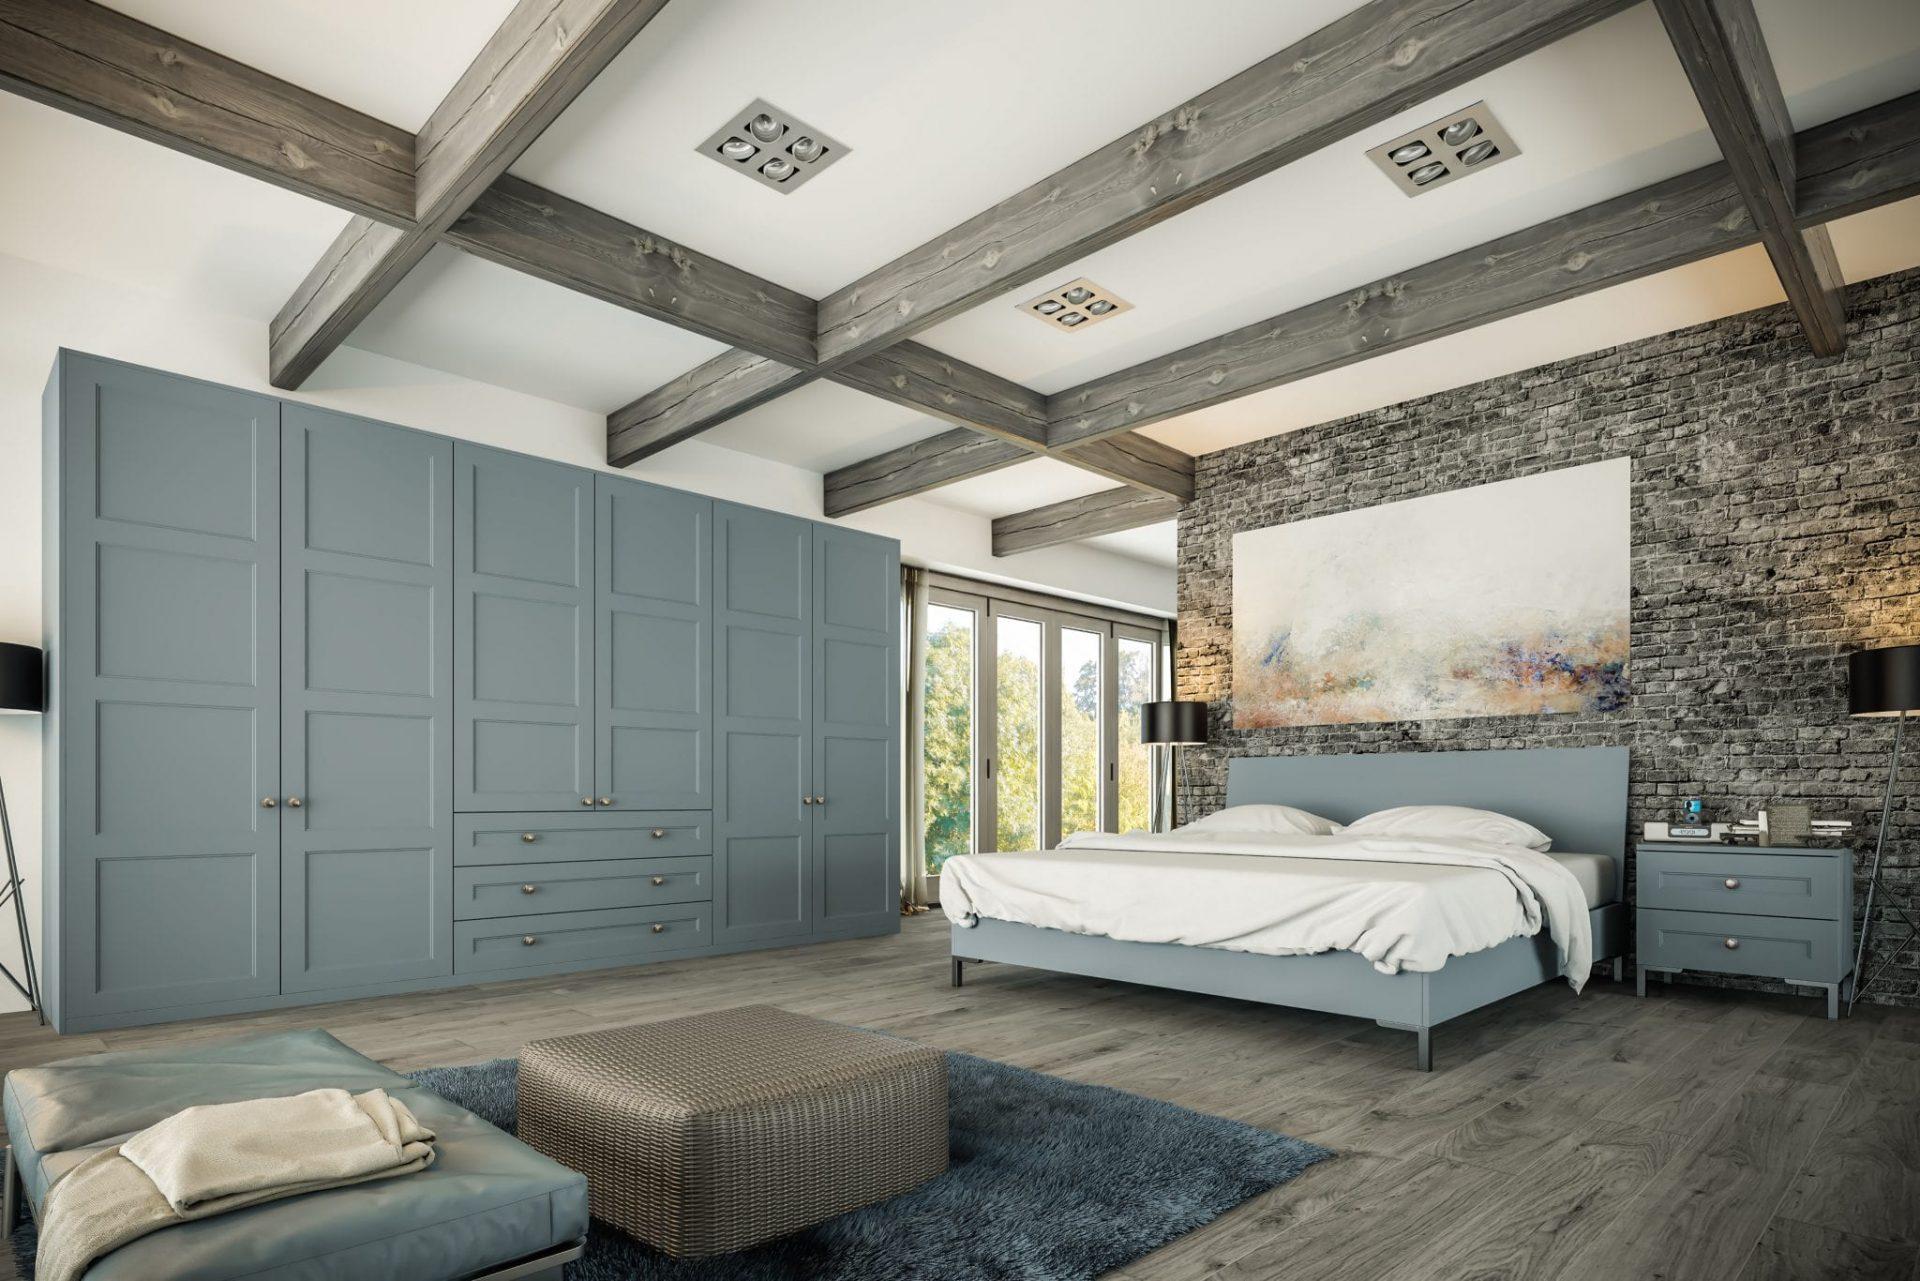 Aldridge Bedroom in Matt Denim